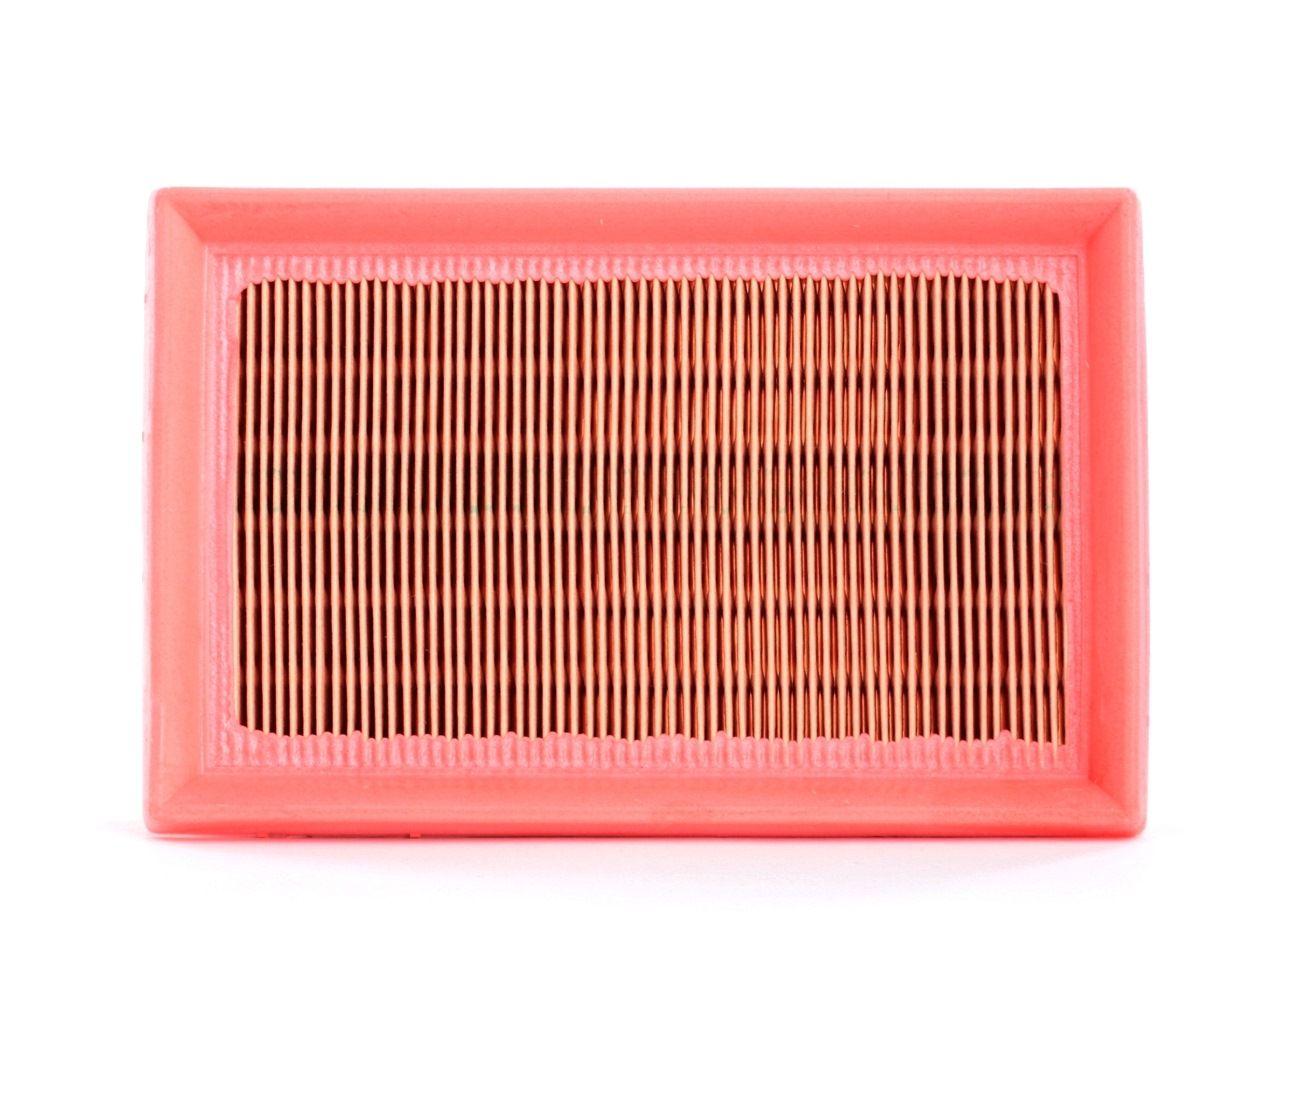 Luftfilter BOSCH F 026 400 438 Bewertung